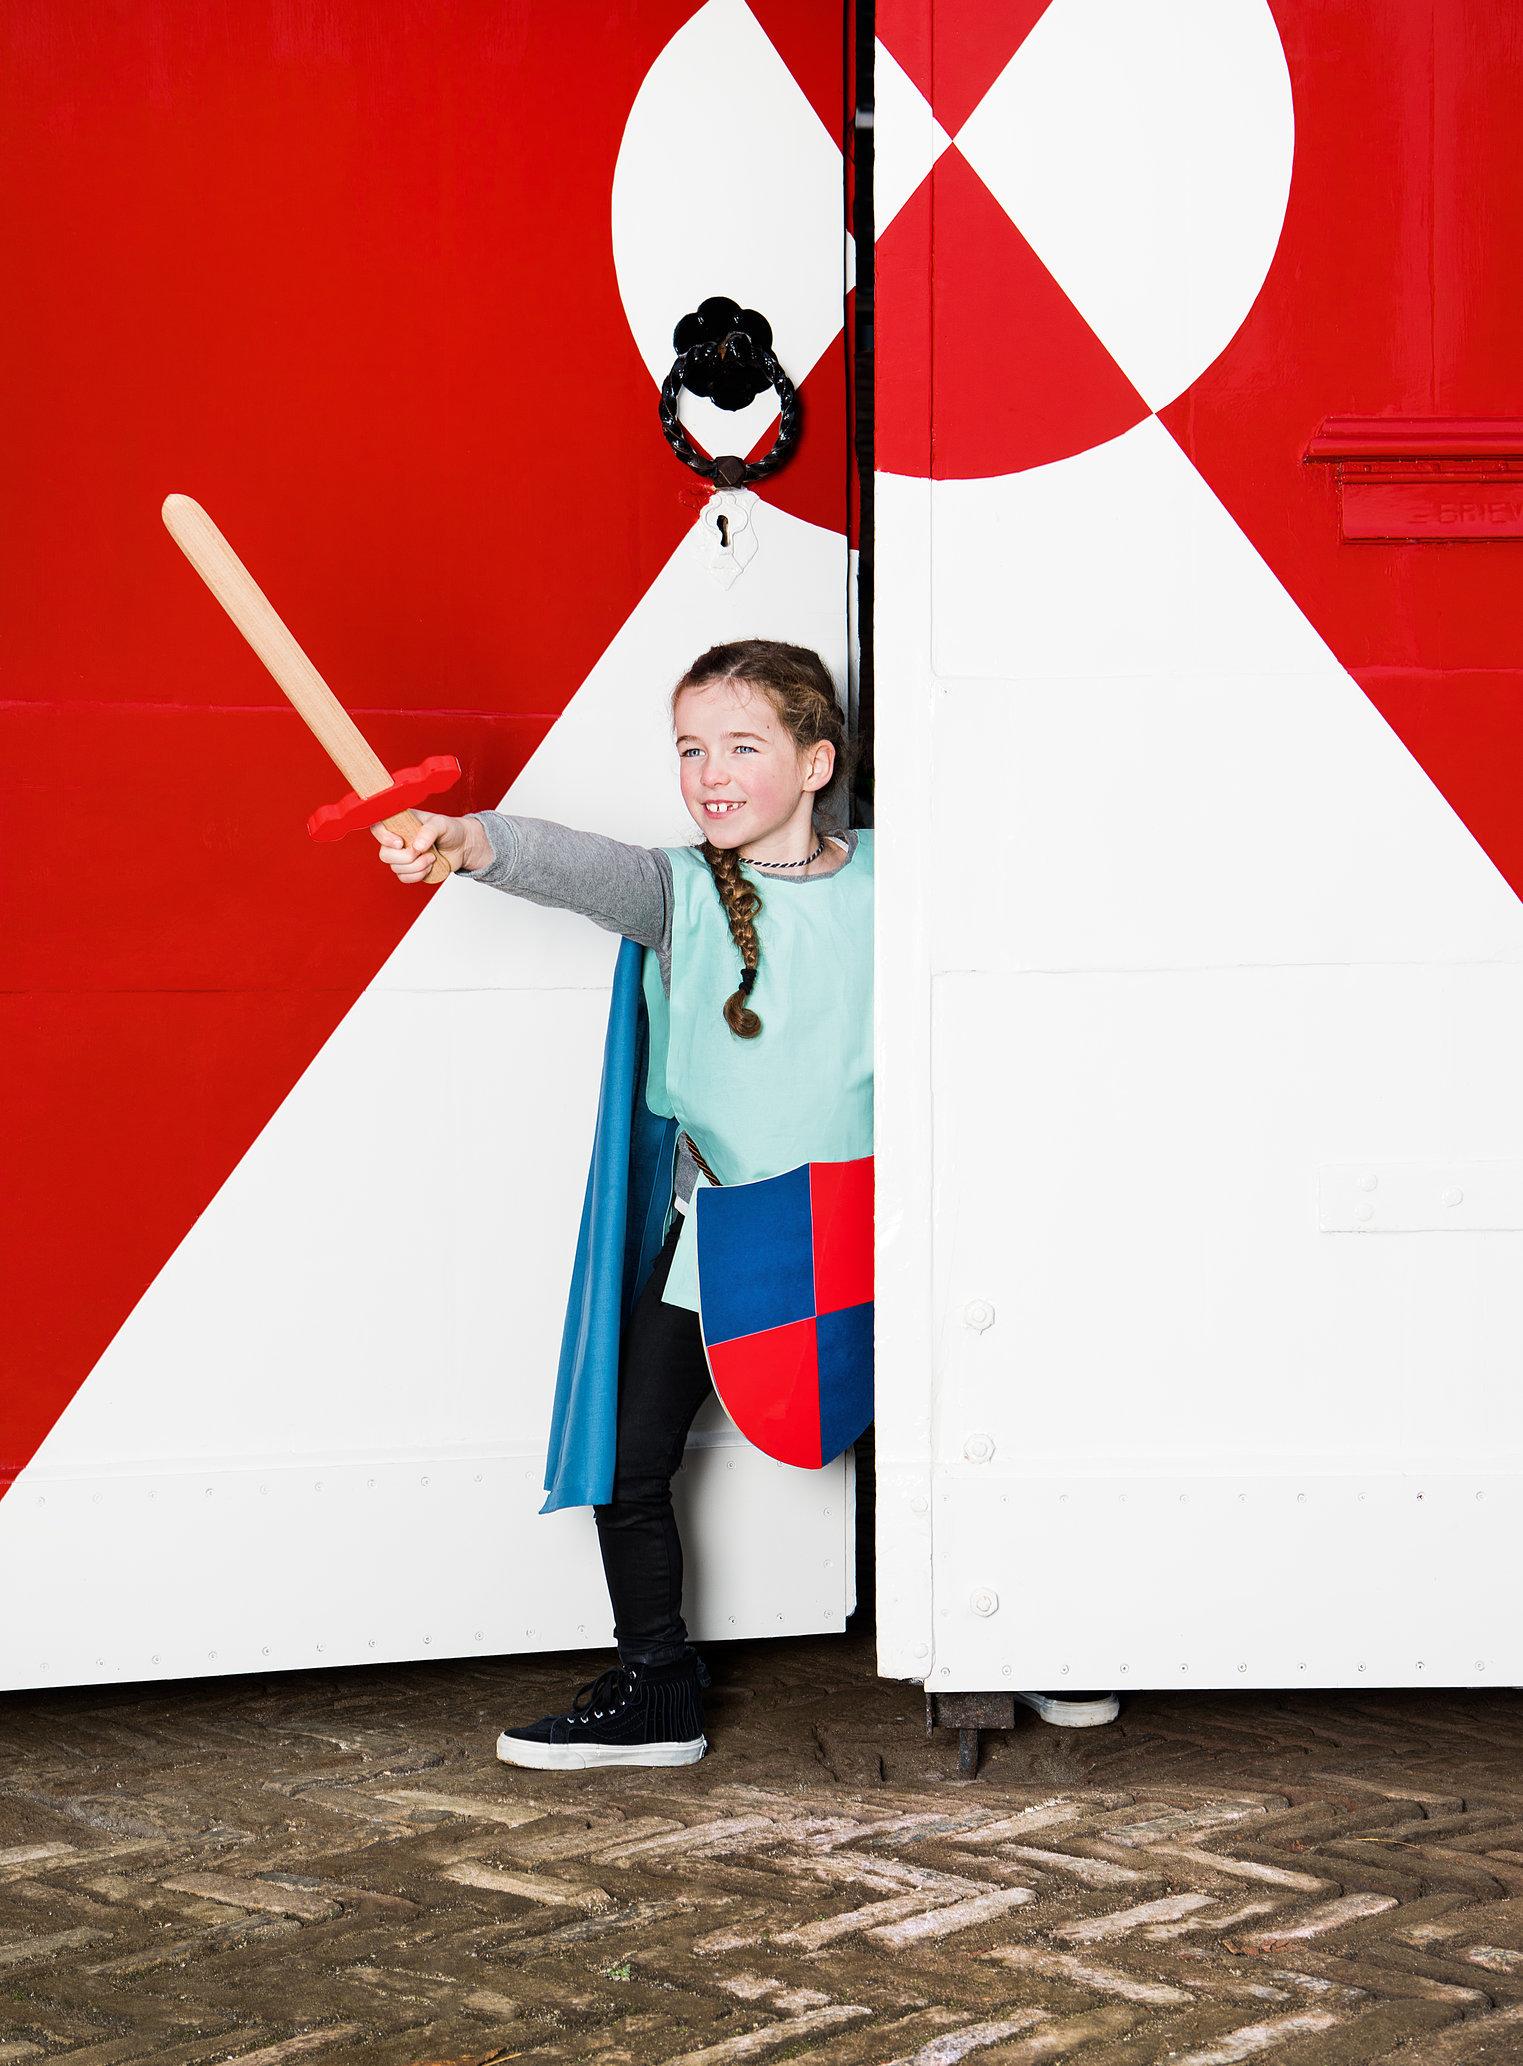 campagnebeeld voor Museum Helmond ism HeyHeydeHaas